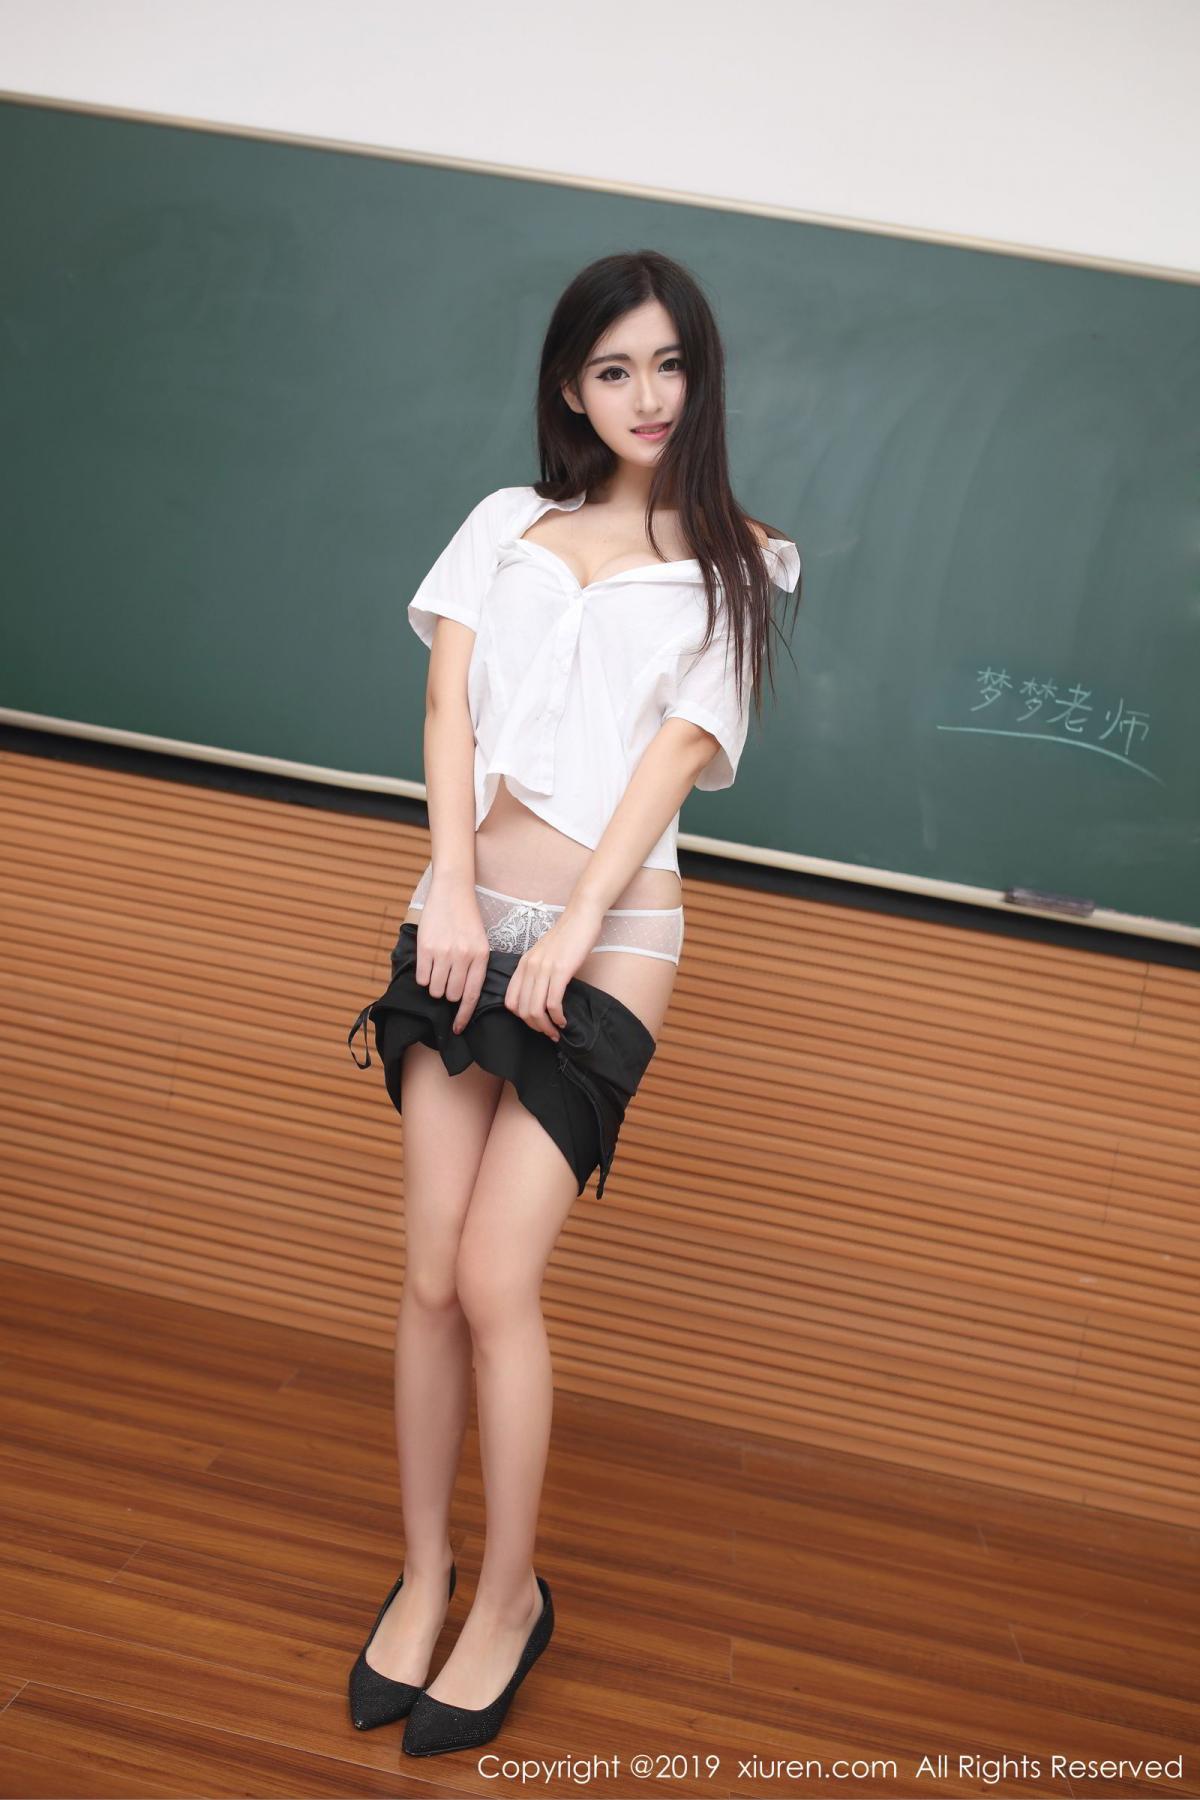 [XiuRen] Vol.1480 Shen Meng Yao 6P, Shen Meng Yao, Tall, Uniform, Xiuren